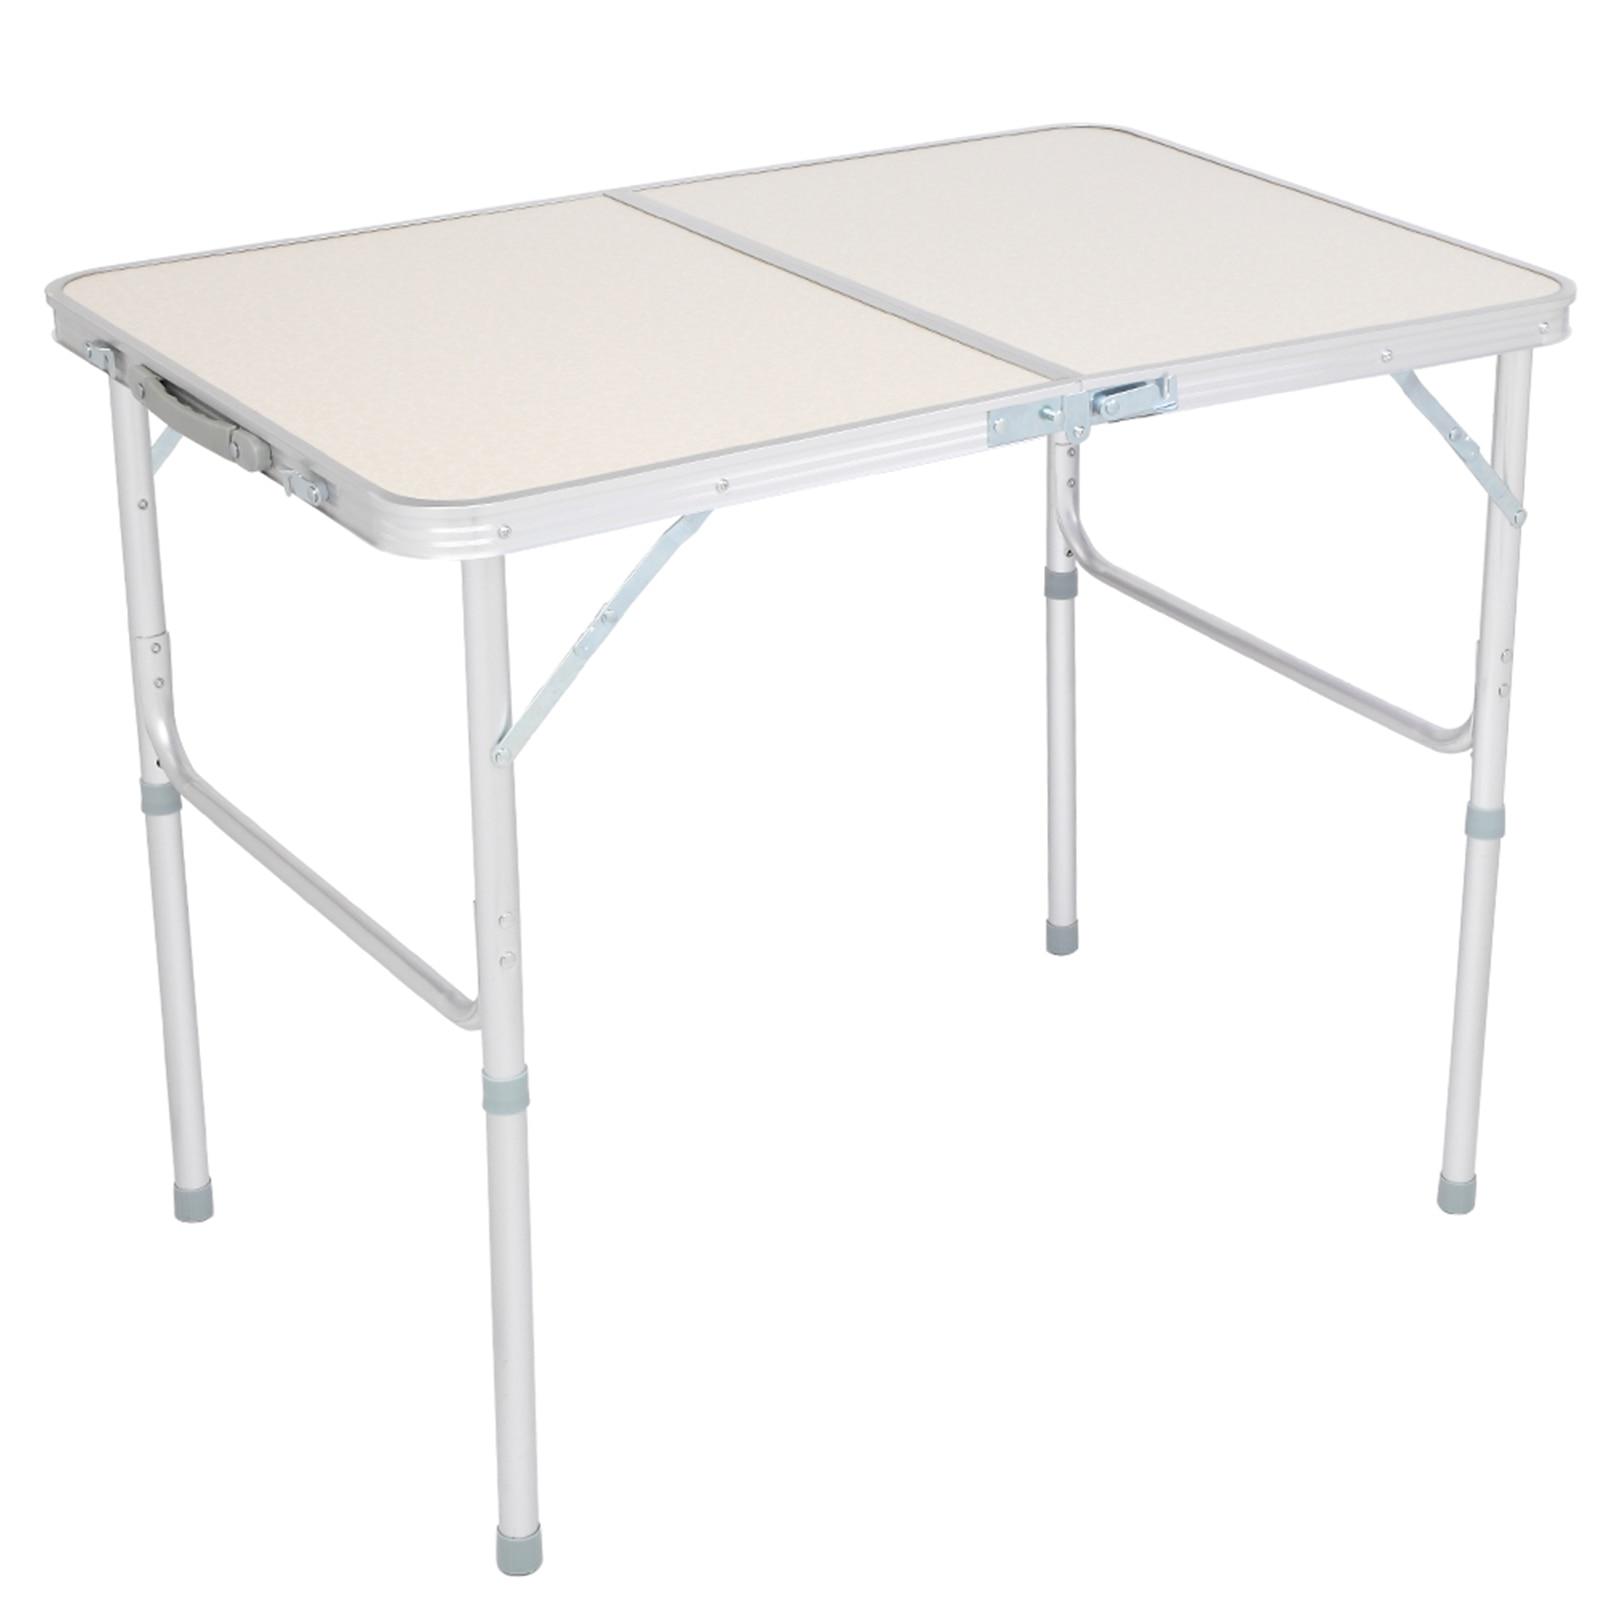 Портативный складной стол, уличная мебель, компьютерные столы для кровати, столы для пикника, ульсветильник складной стол из алюминиевого с...